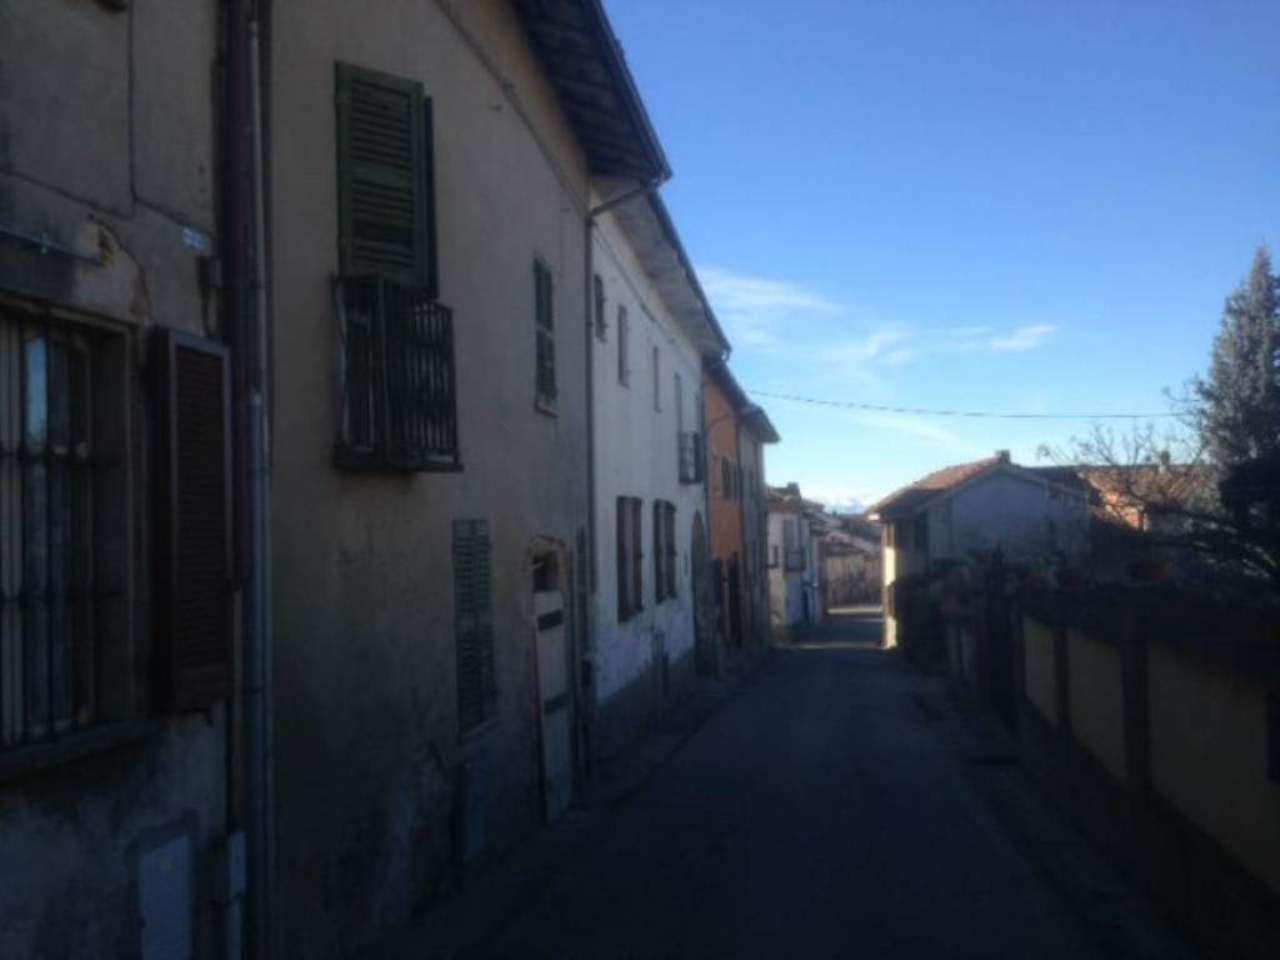 Soluzione Semindipendente in vendita a Calliano, 9999 locali, prezzo € 70.000 | Cambio Casa.it